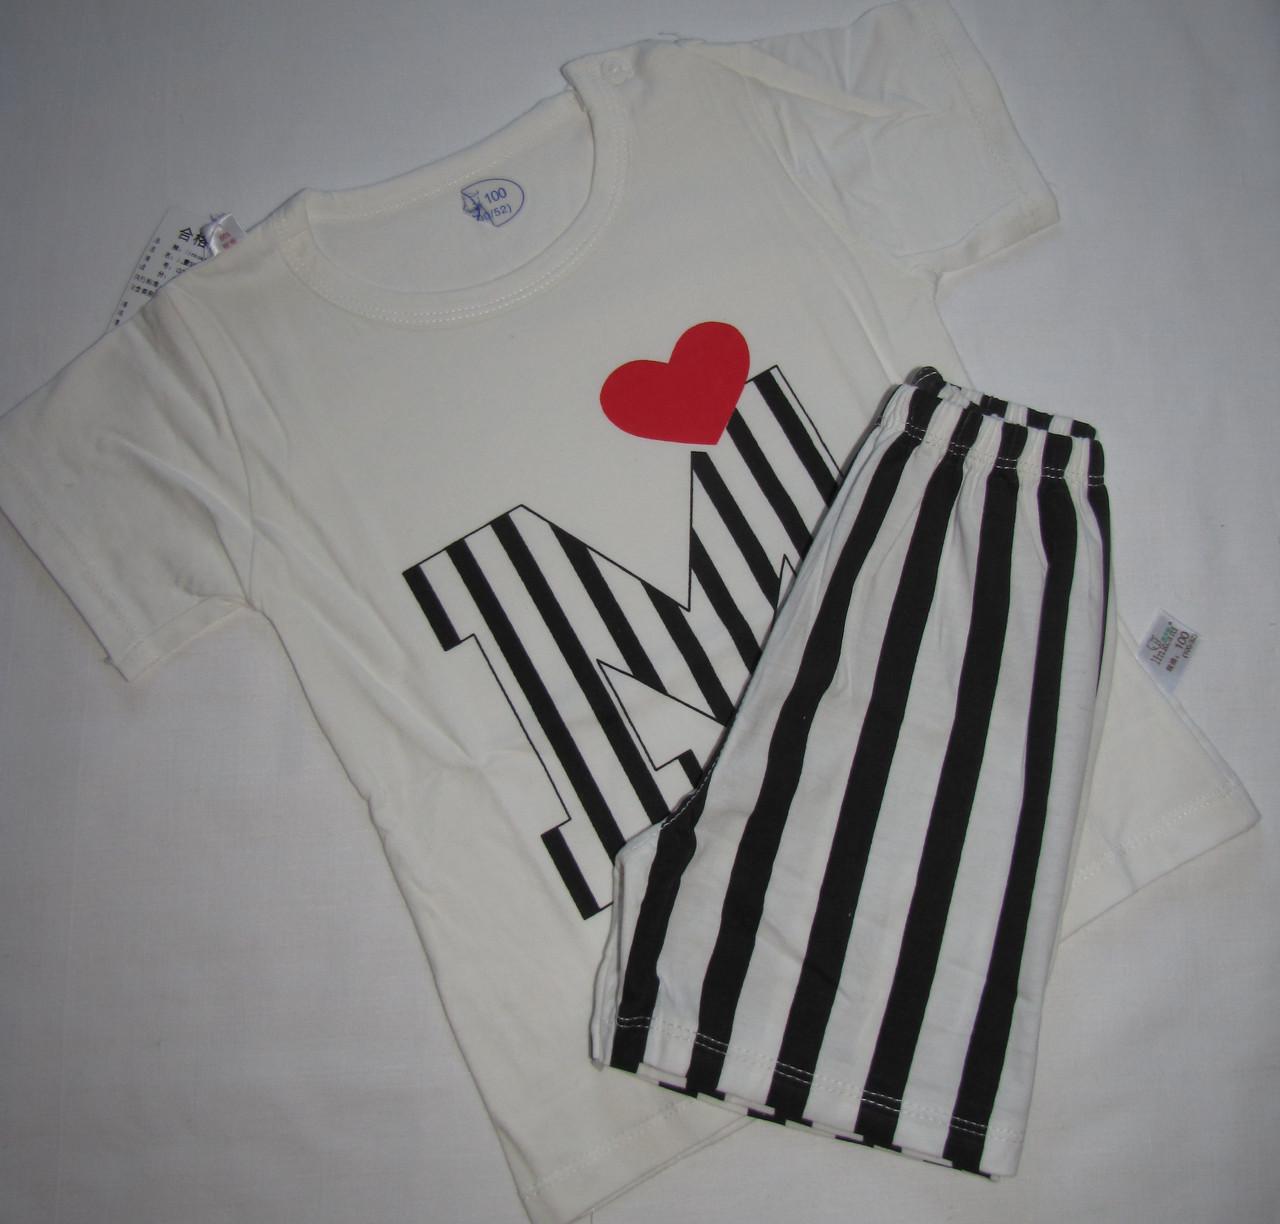 Пижама  футболка с короткими рукавами и шорты  Linkcard  Буква М рост 100 см белая+черная 06142